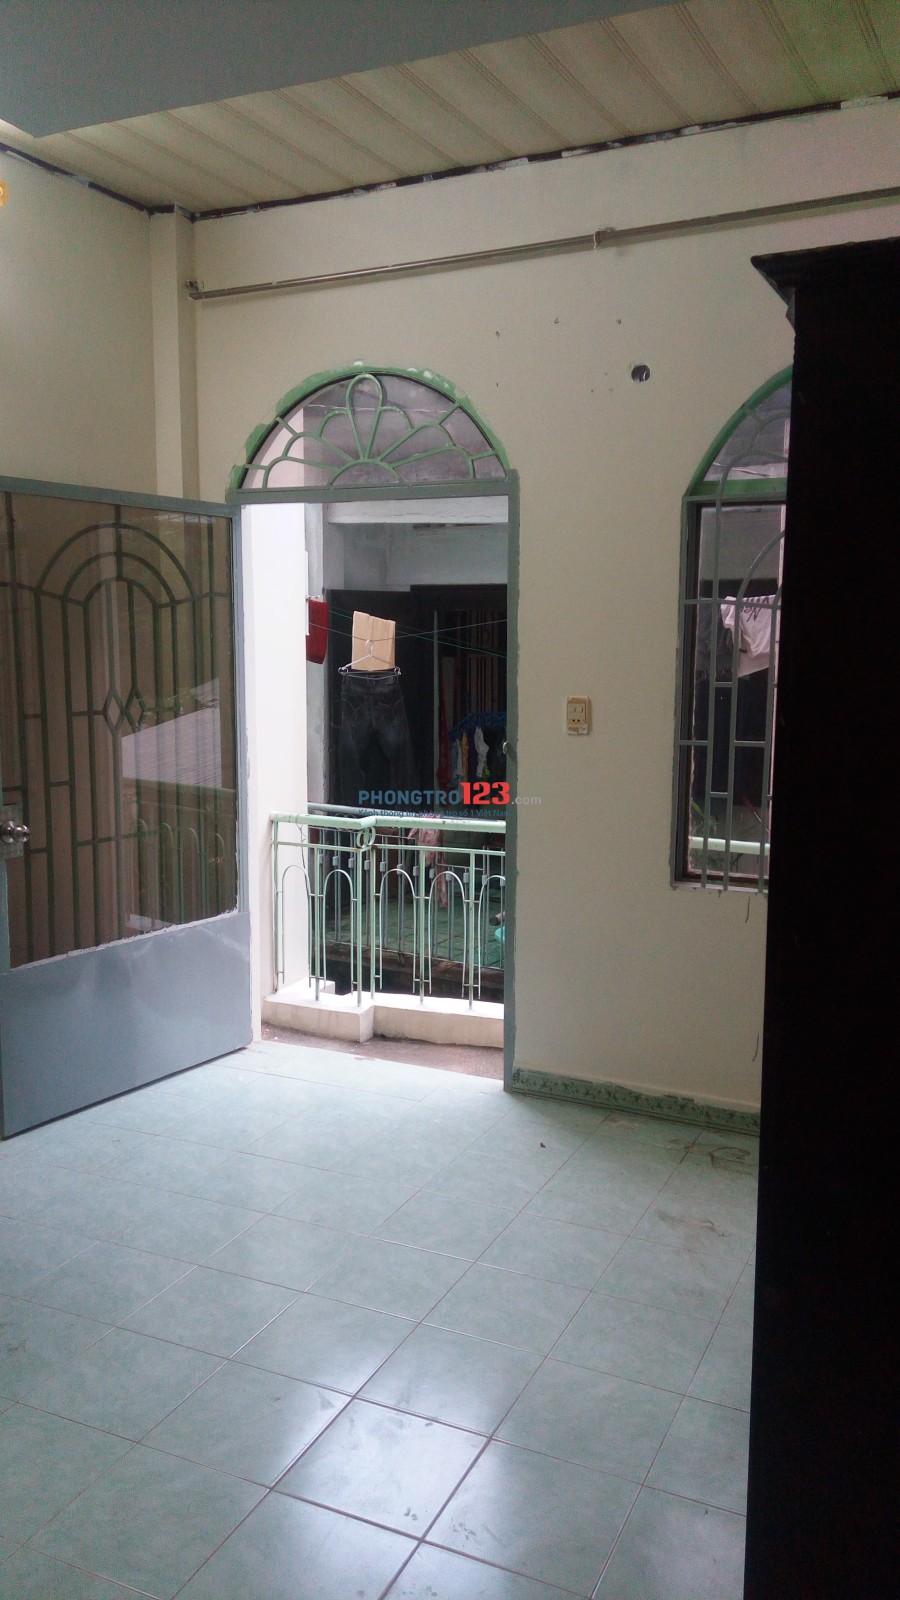 Cho thuê nhà nguyên căn quận Phú Nhuận 72m2 giá rẻ